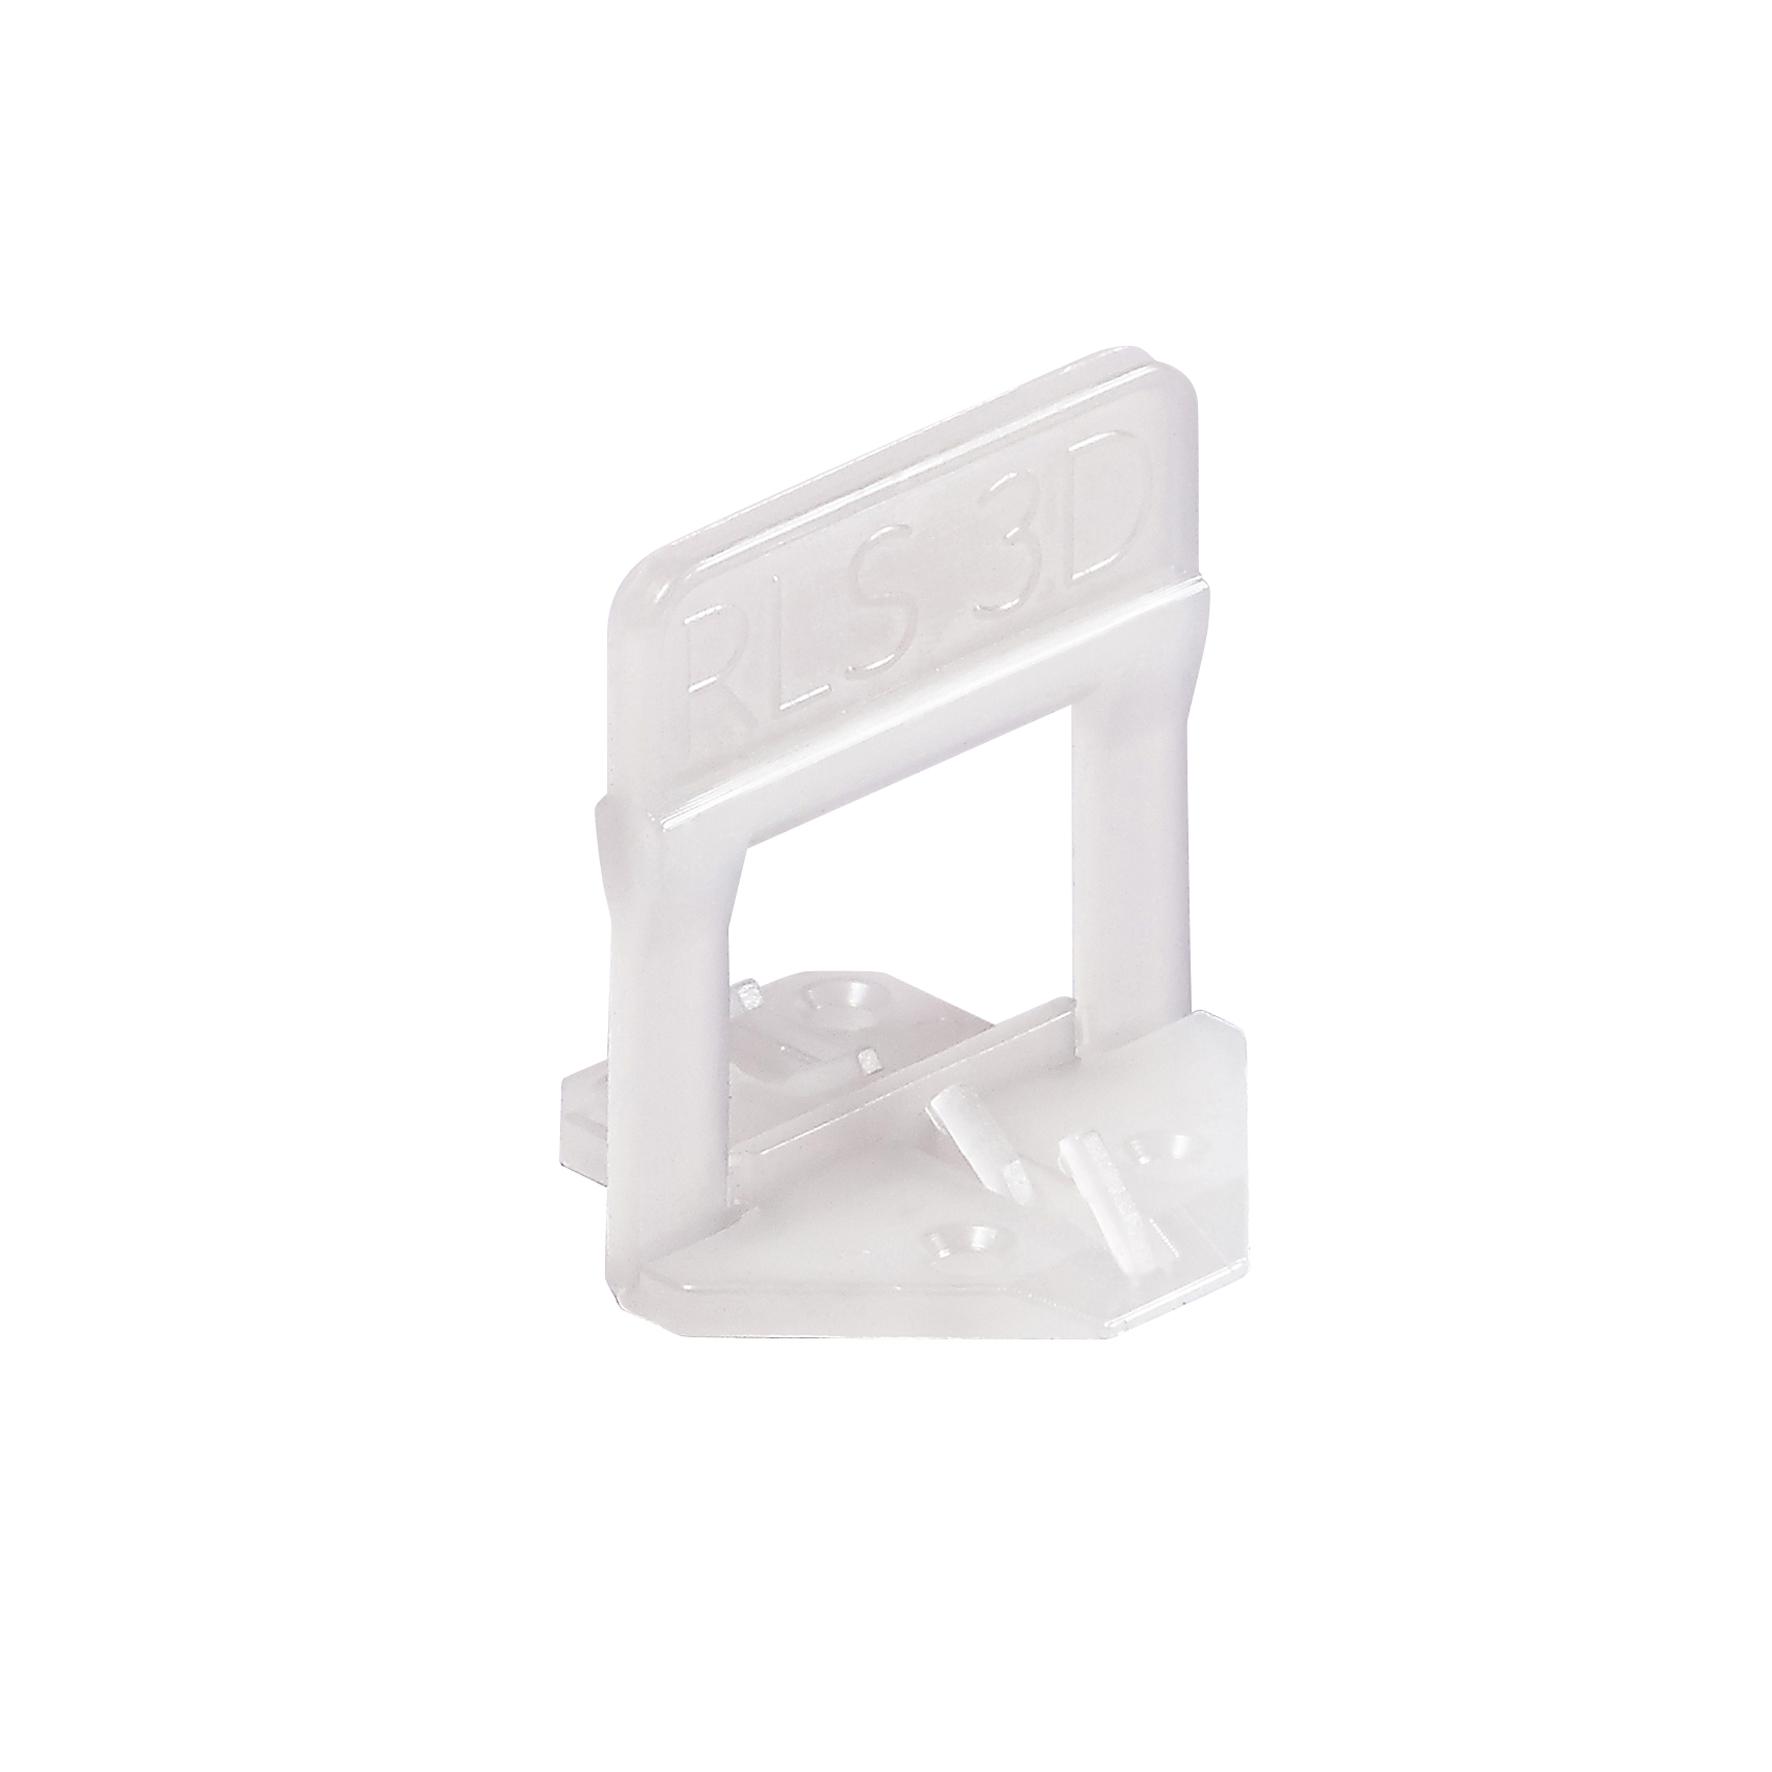 BASE RLS CR. 3D NIV.3/12 250PZ 180B01MM3DO250